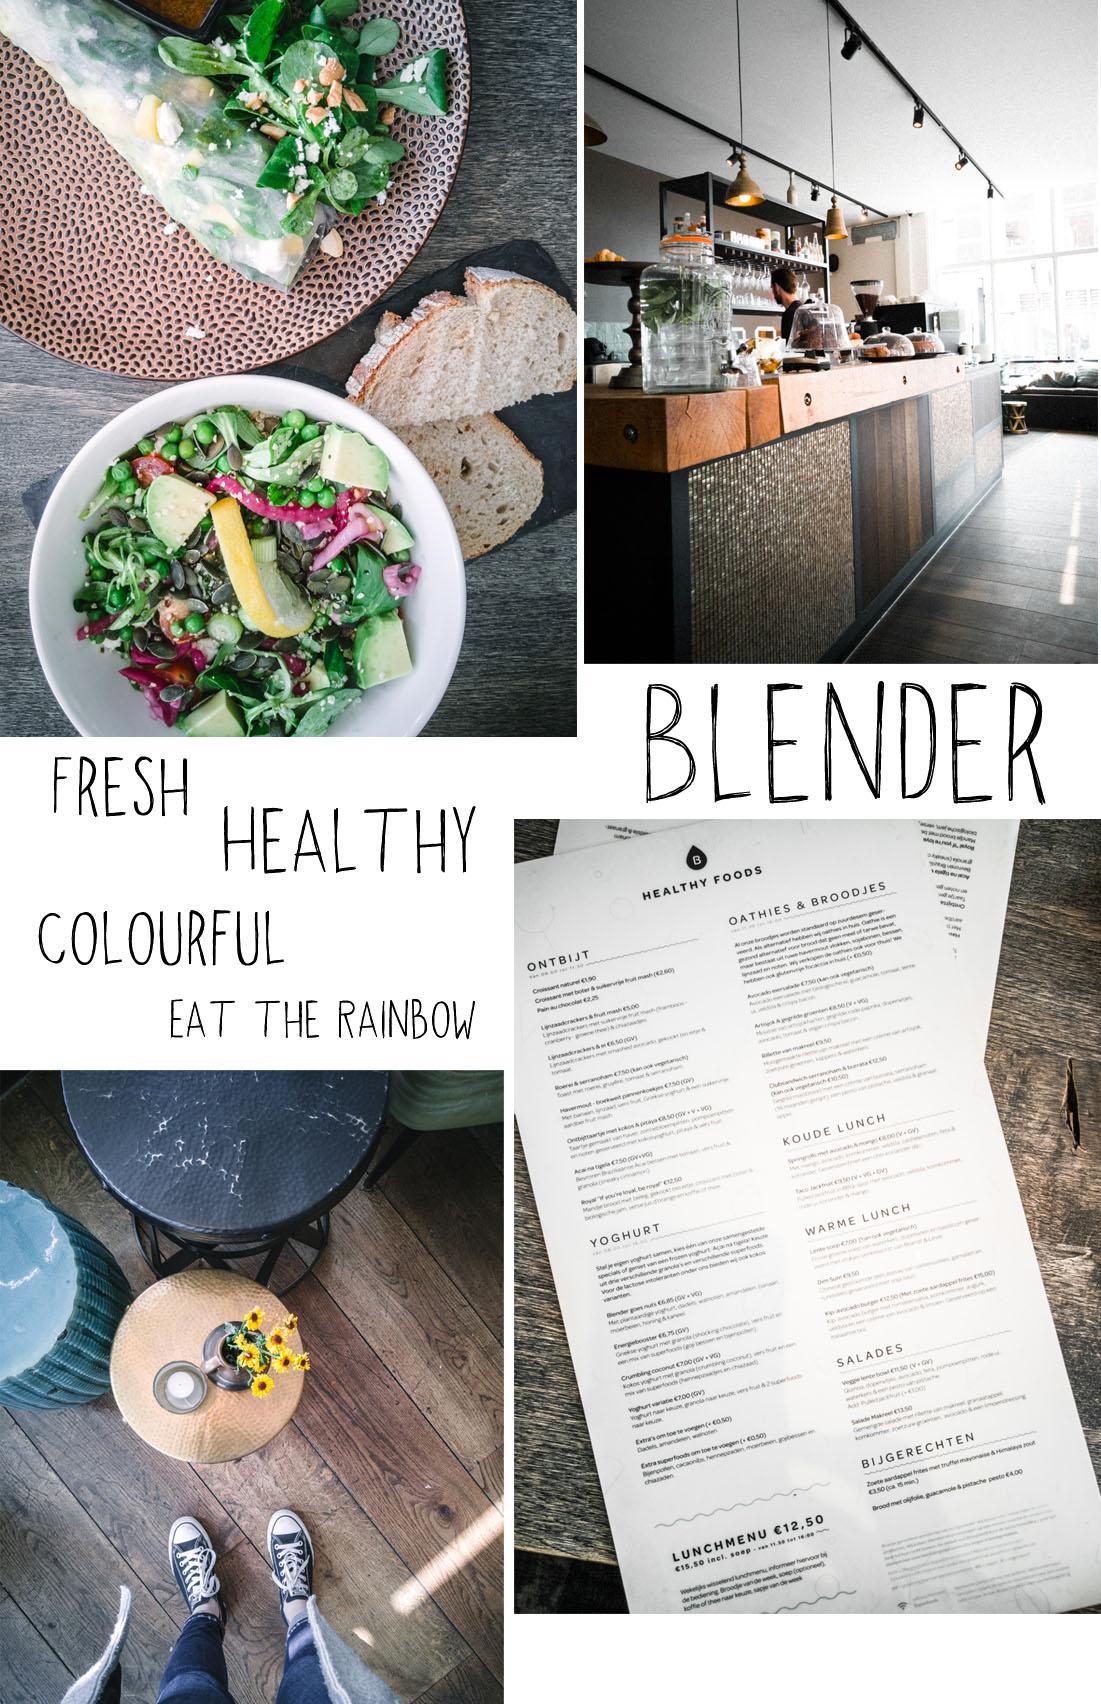 Café Blender Haarlem